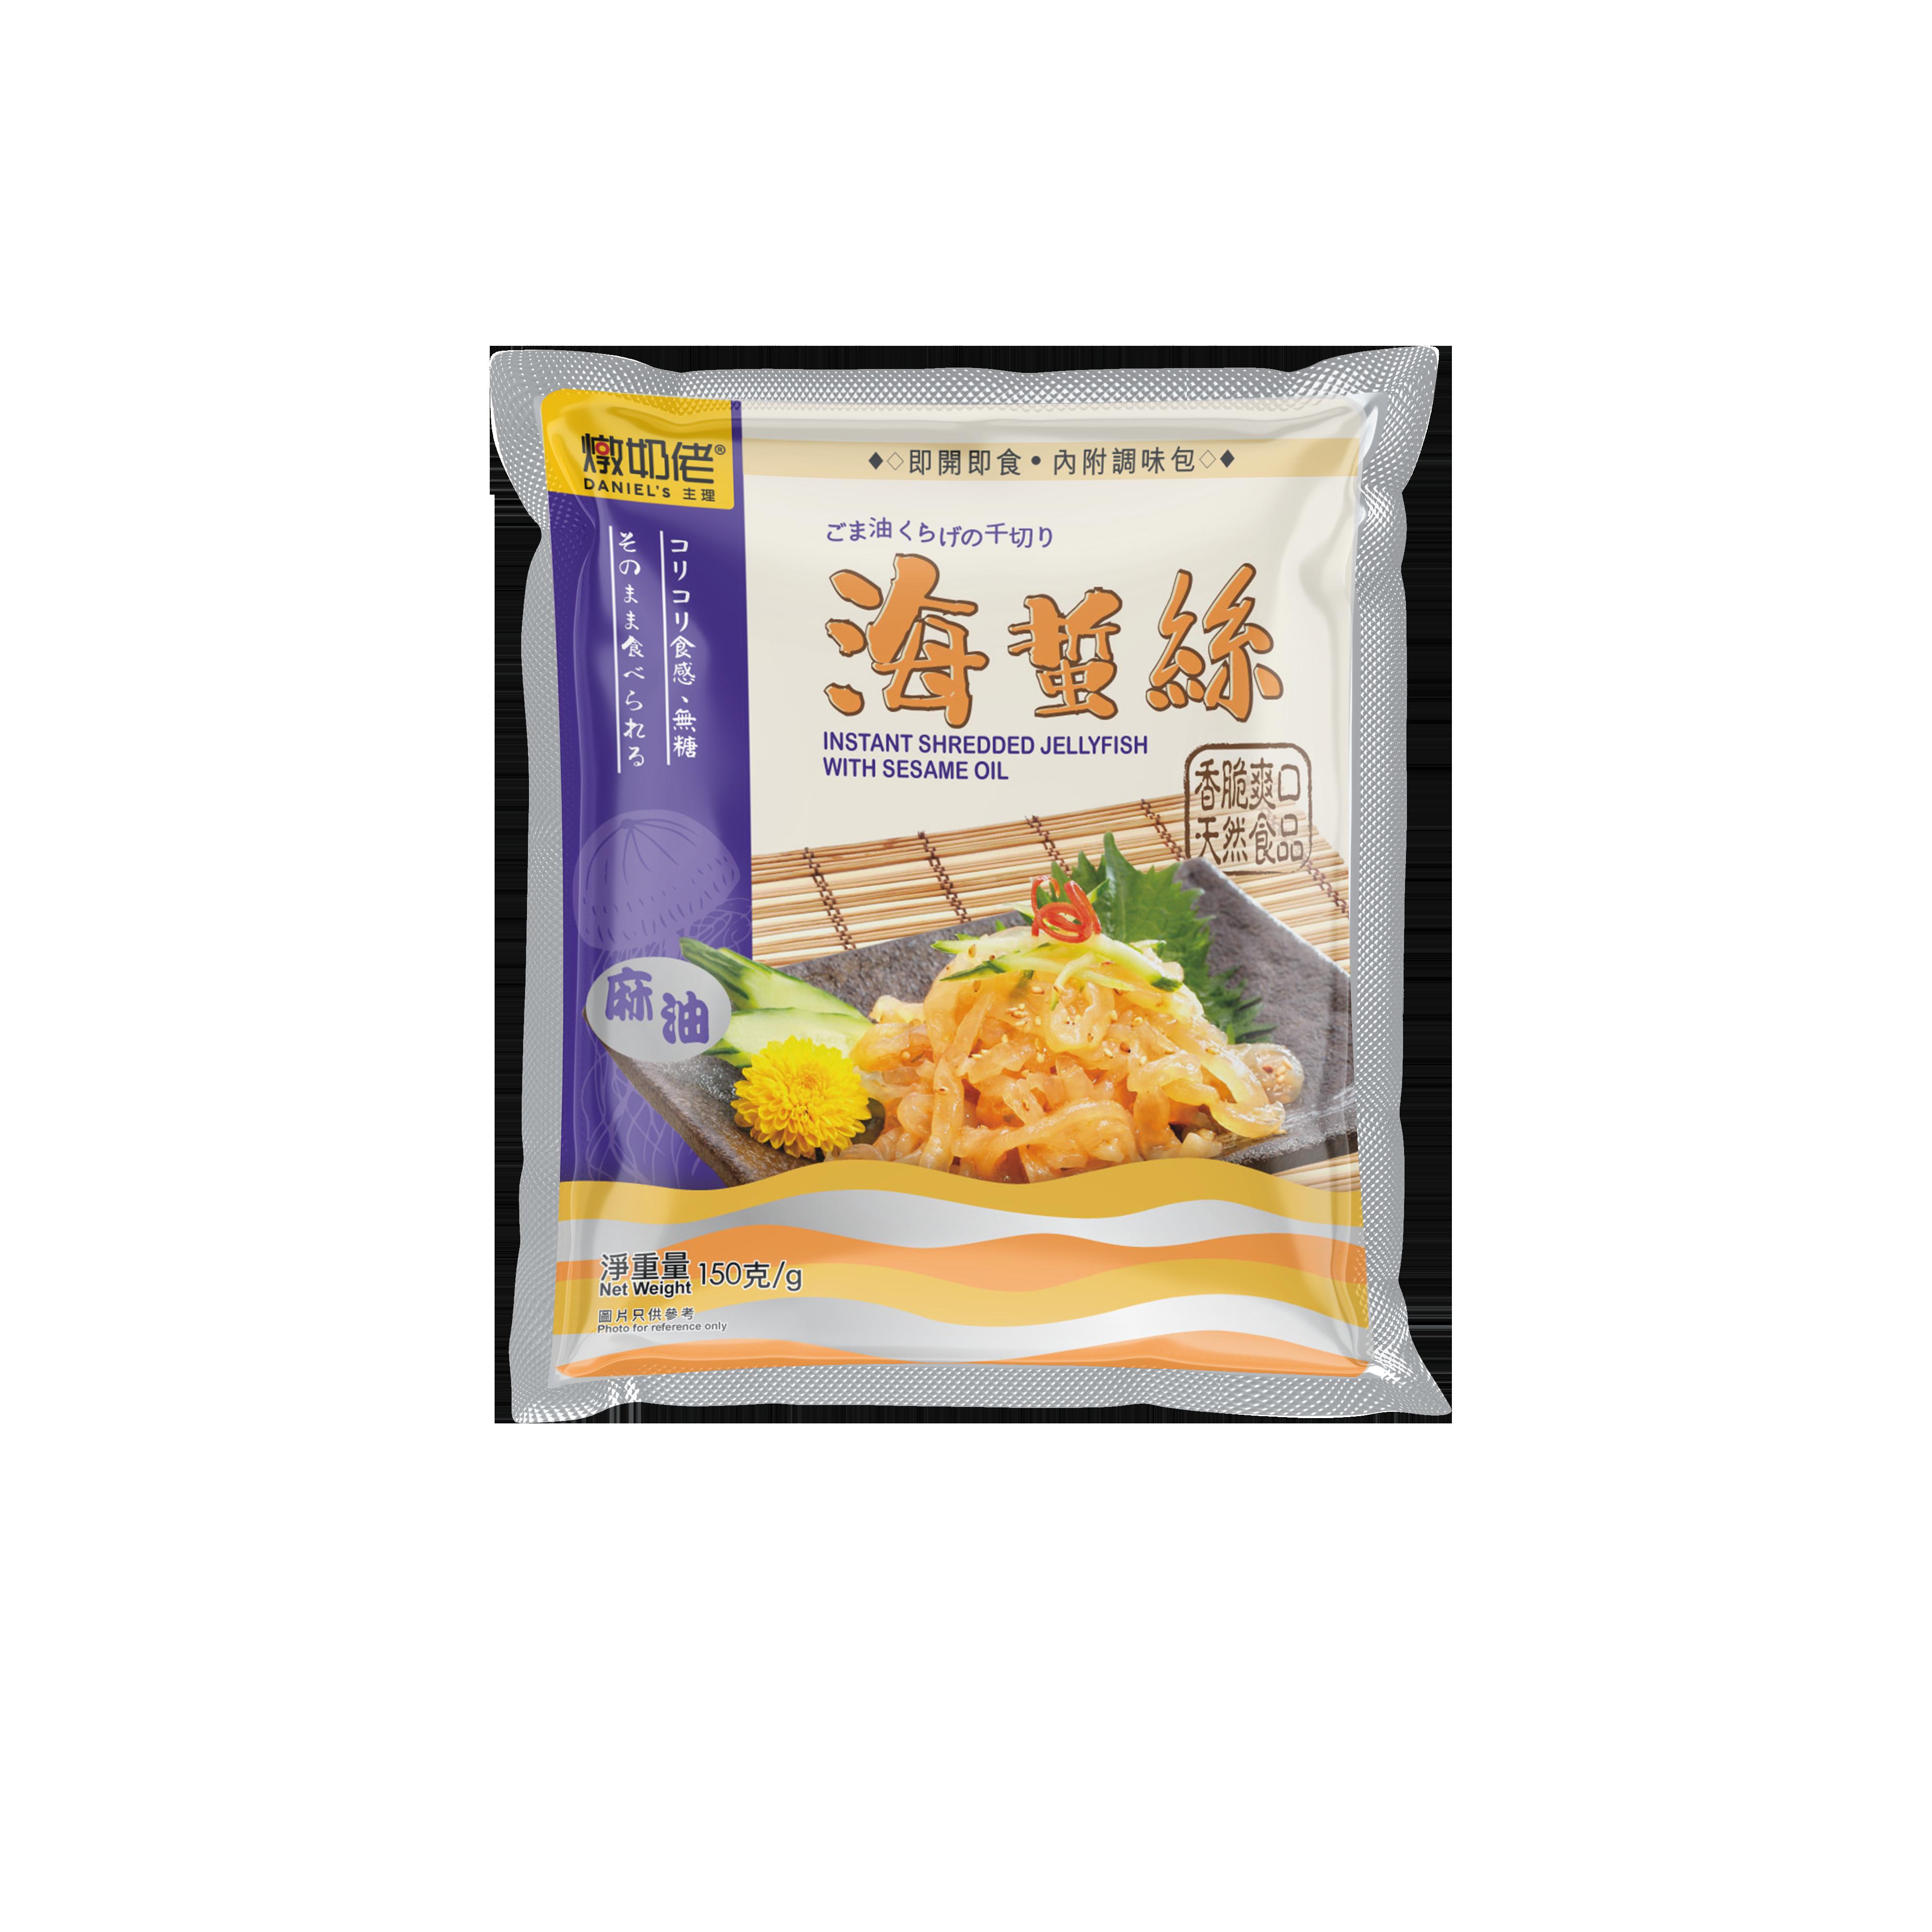 燉奶佬即食海蜇絲(麻油味)